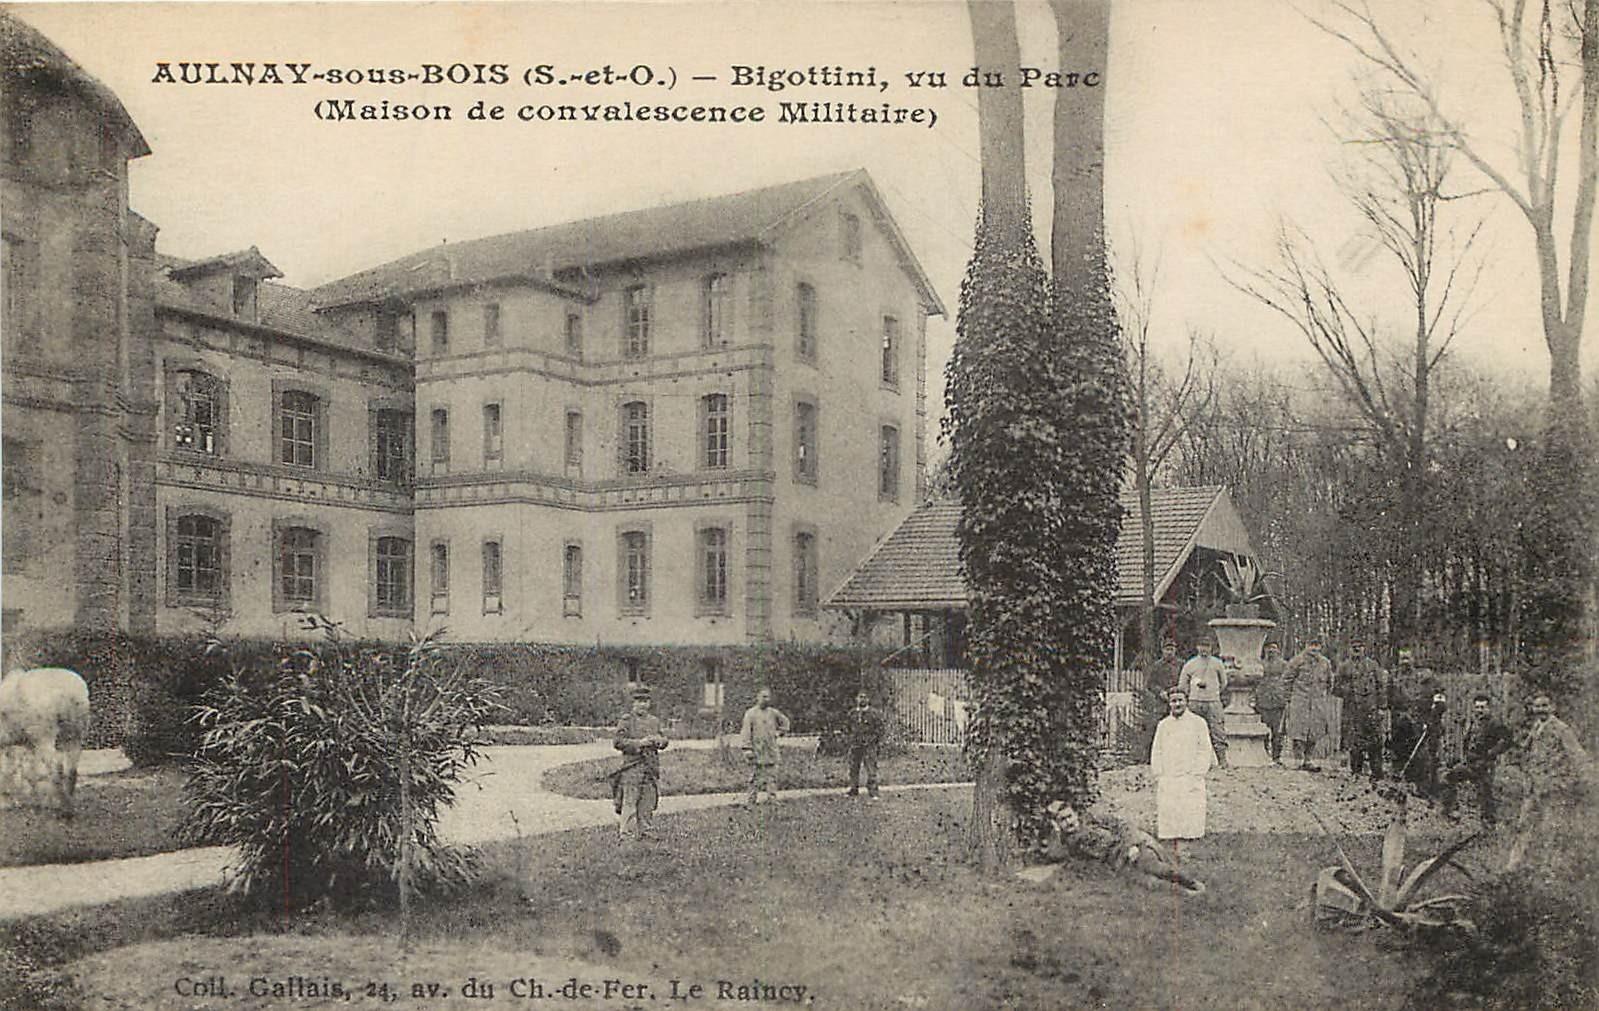 93 AULNAY-SOUS-BOIS. Parc Bigottini maison de convalescence Militaire 1916